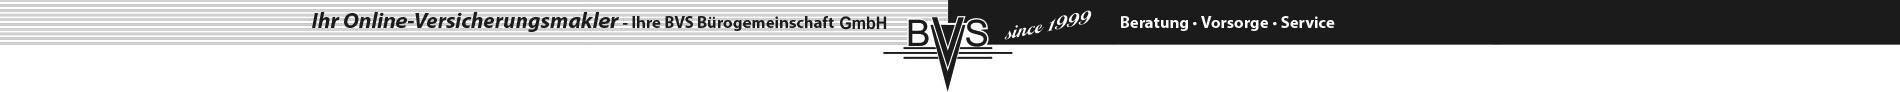 BVS Uchte | Versicherungsmakler vor Ort Uchte